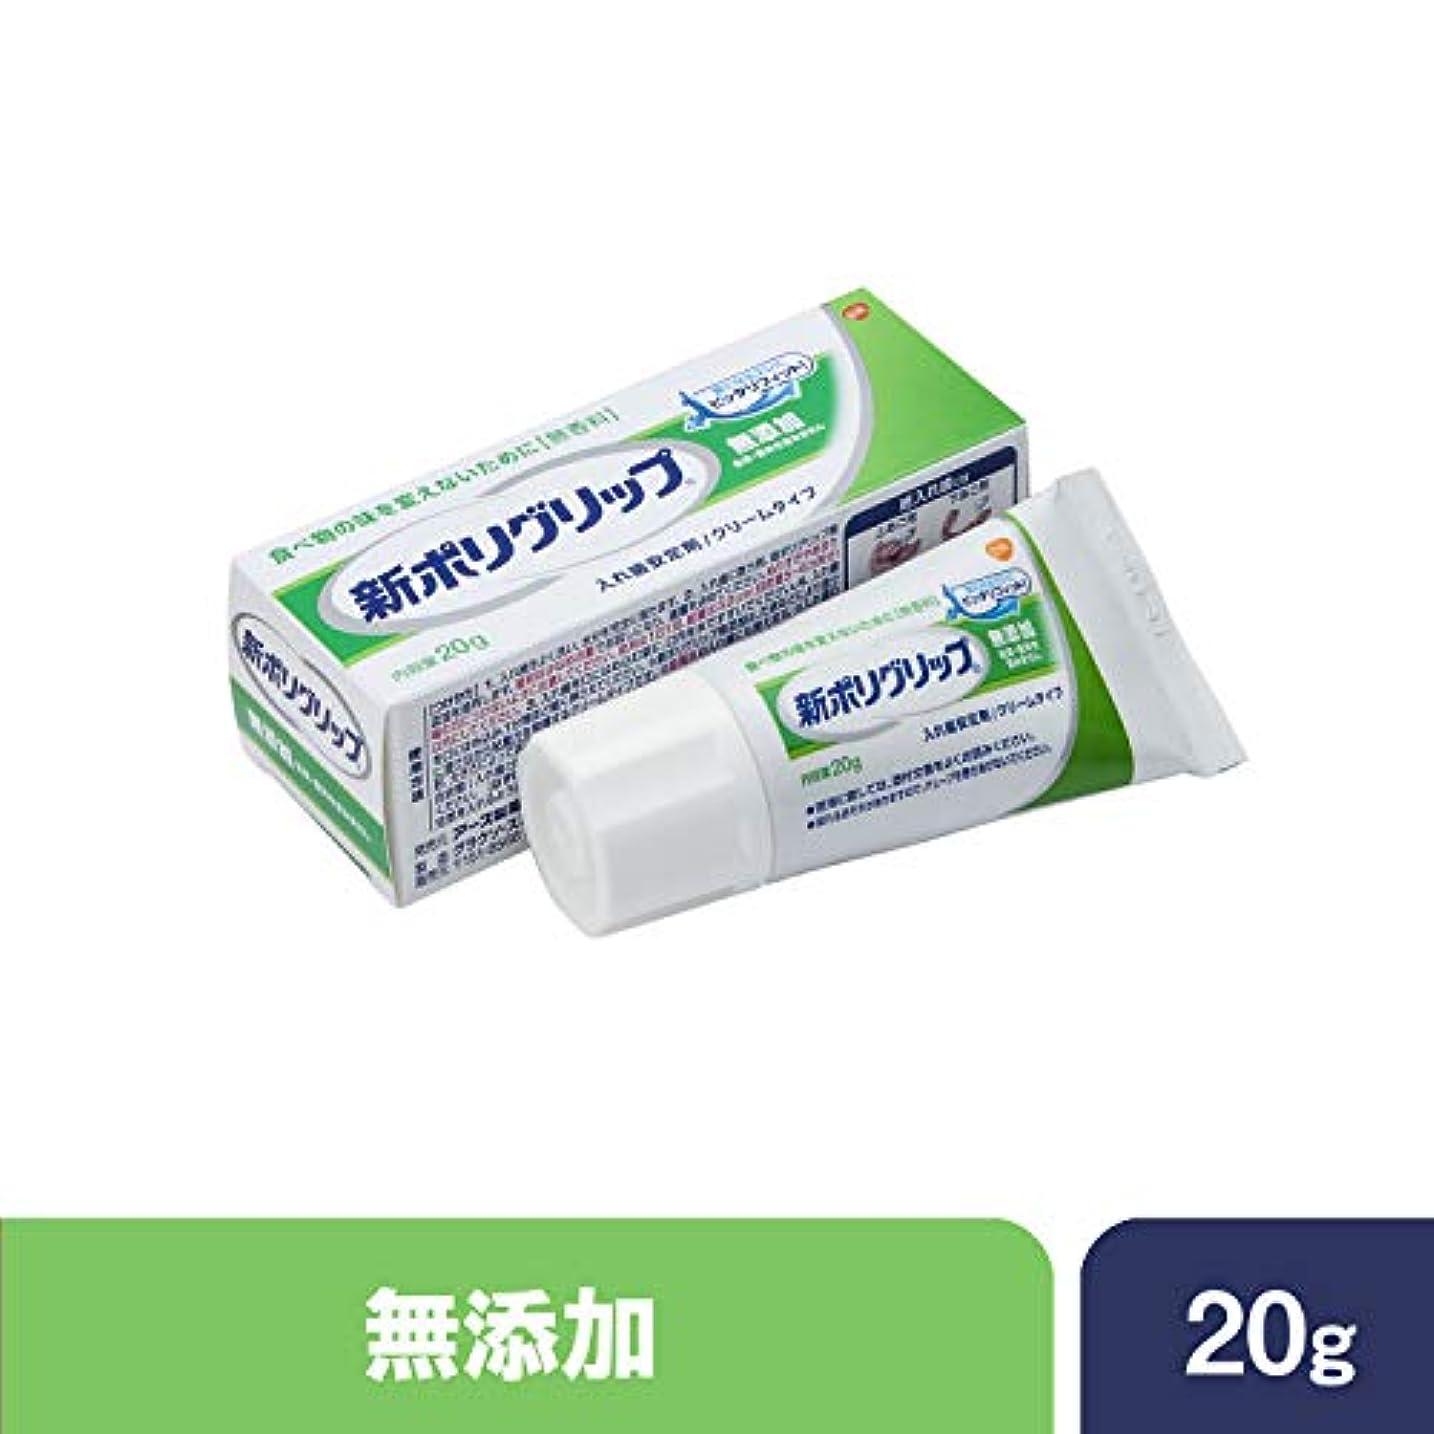 フランクワースリー高尚なスカイ部分?総入れ歯安定剤 新ポリグリップ 無添加(色素?香料を含みません) 20g